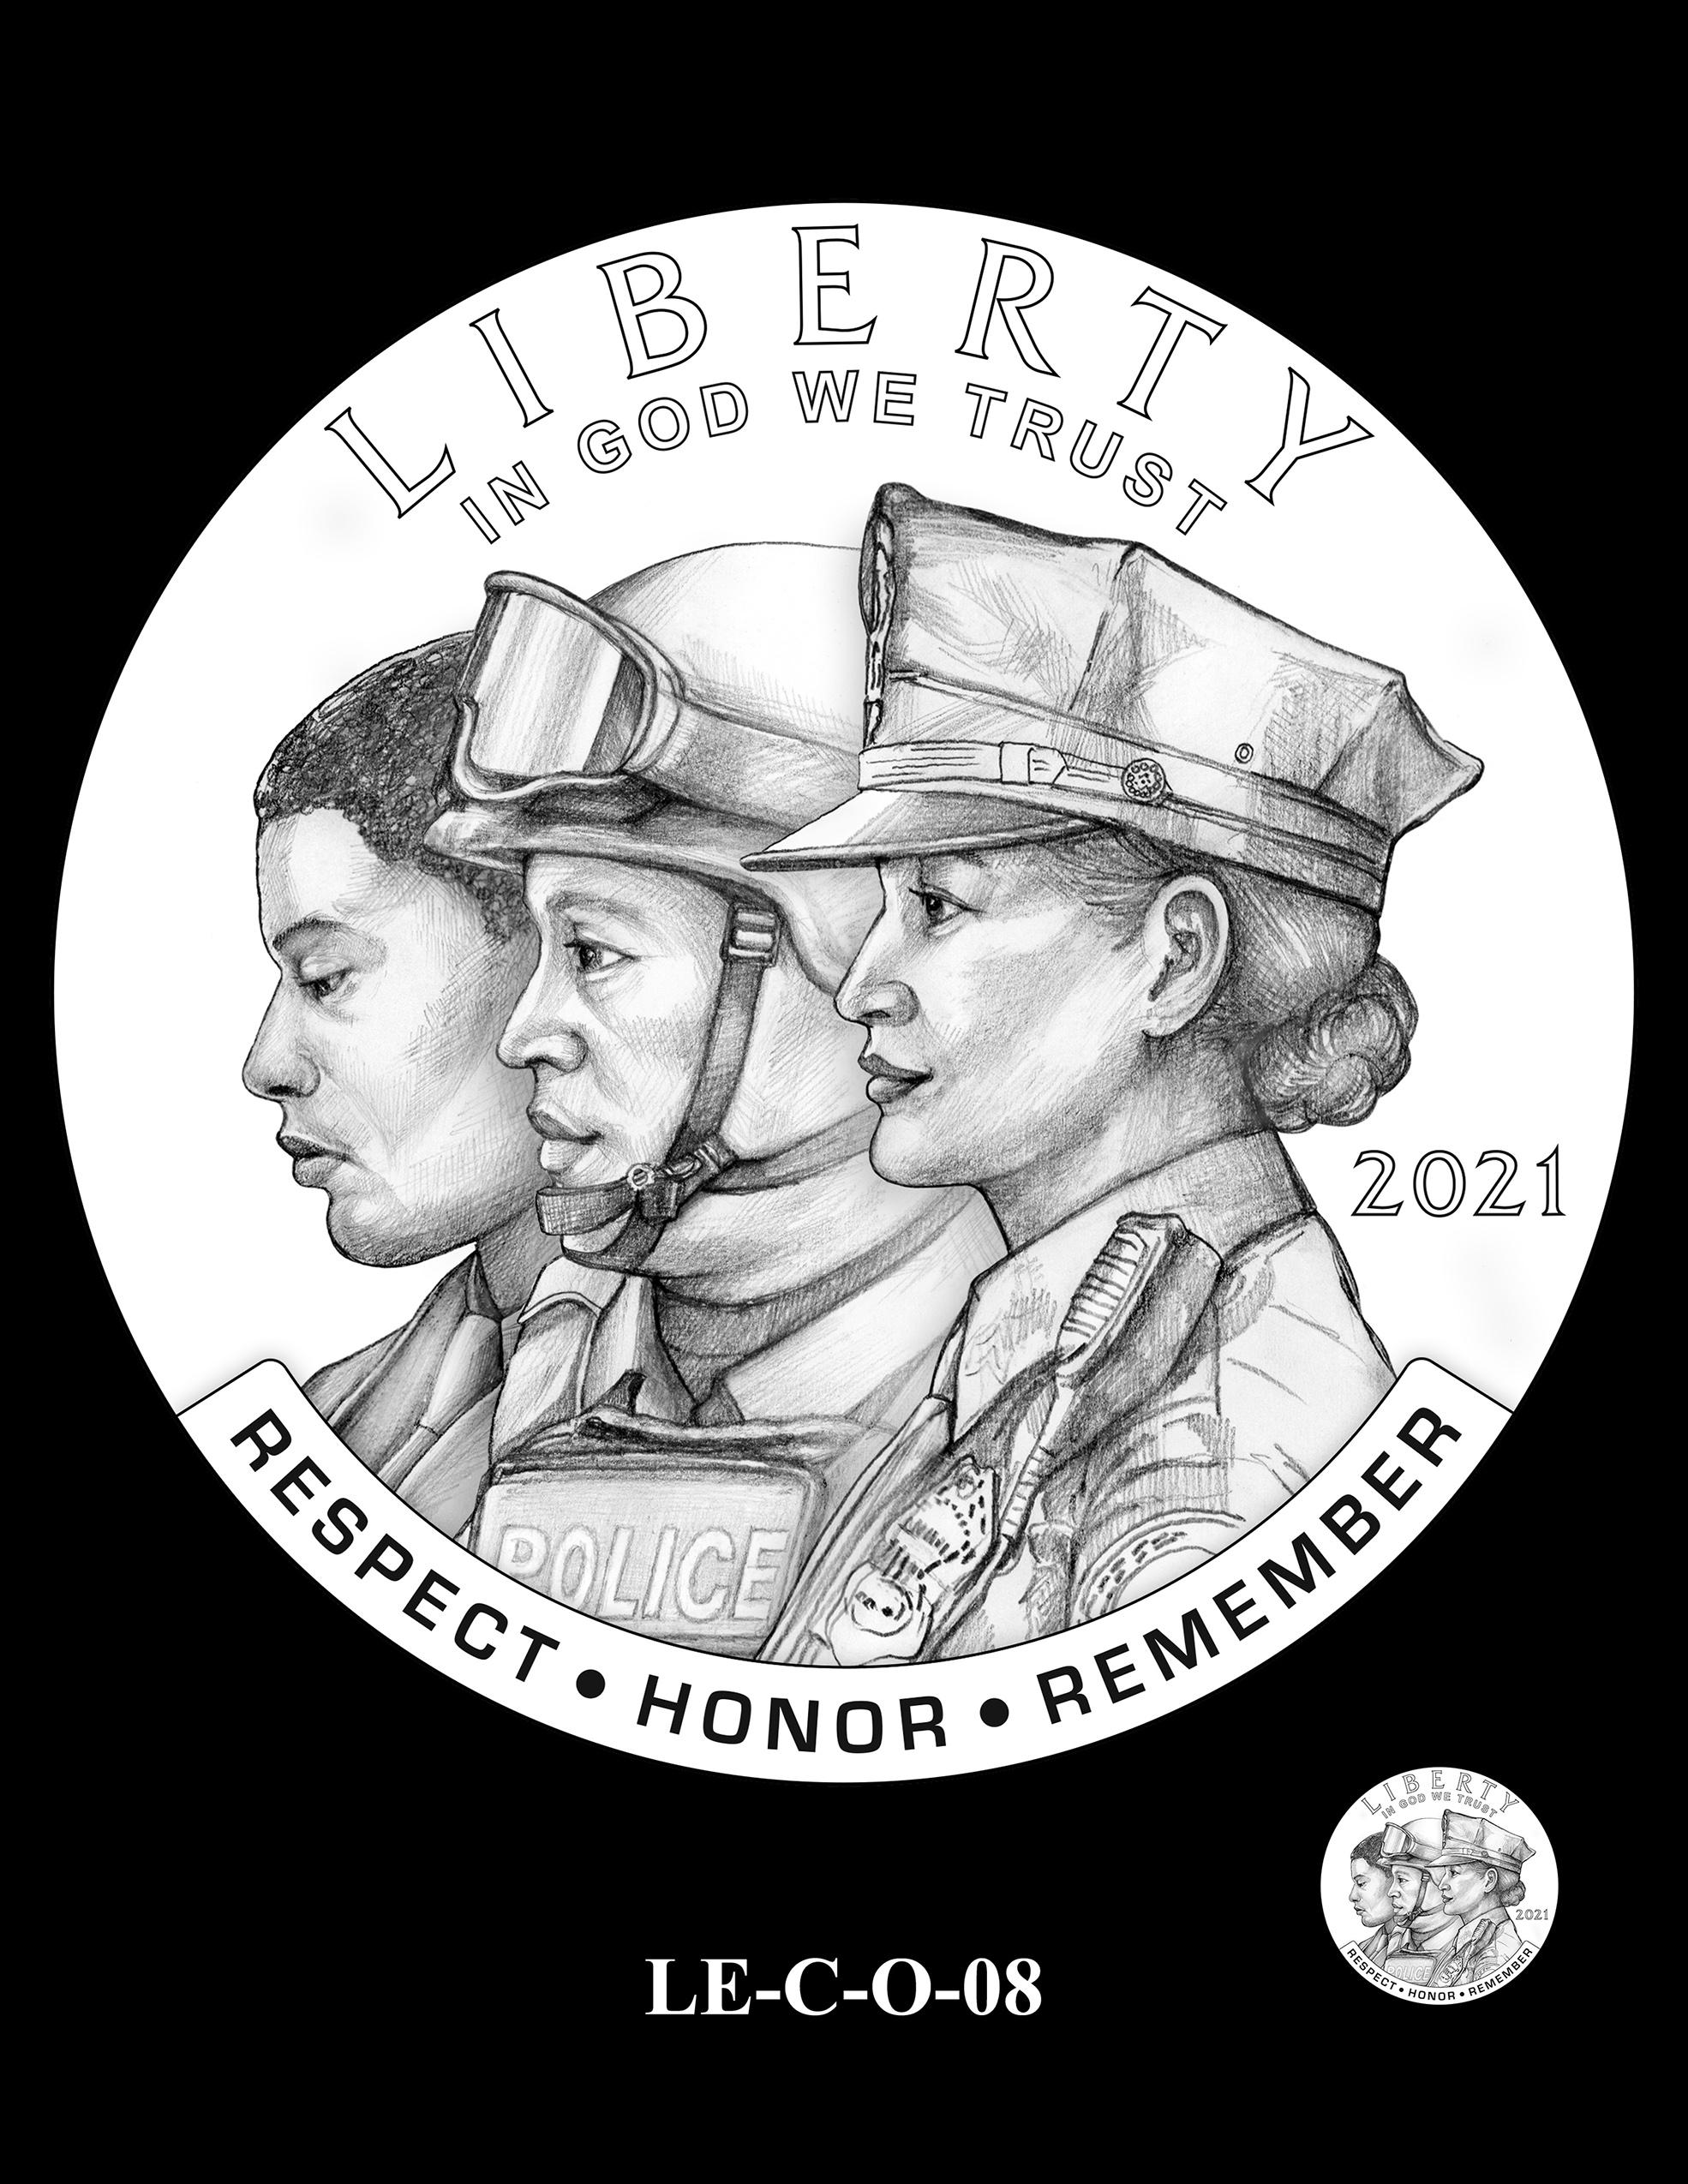 LE-C-O-08 -- National Law Enforcement Museum Commemorative Coin Program